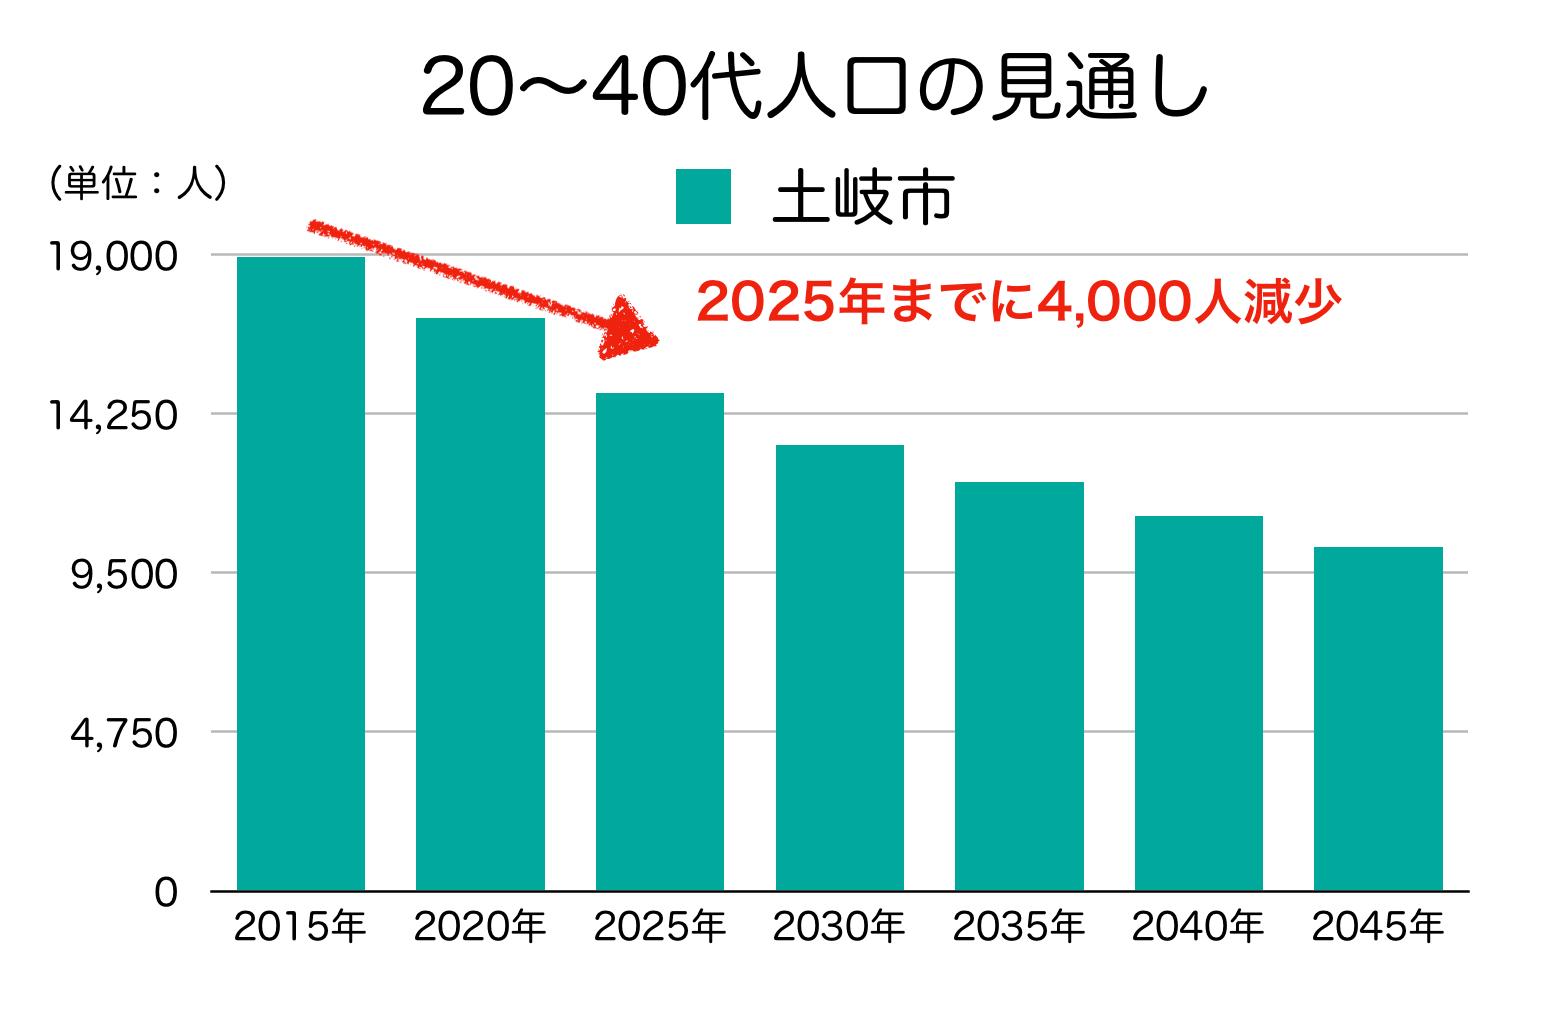 土岐市の20〜40代人口の予測